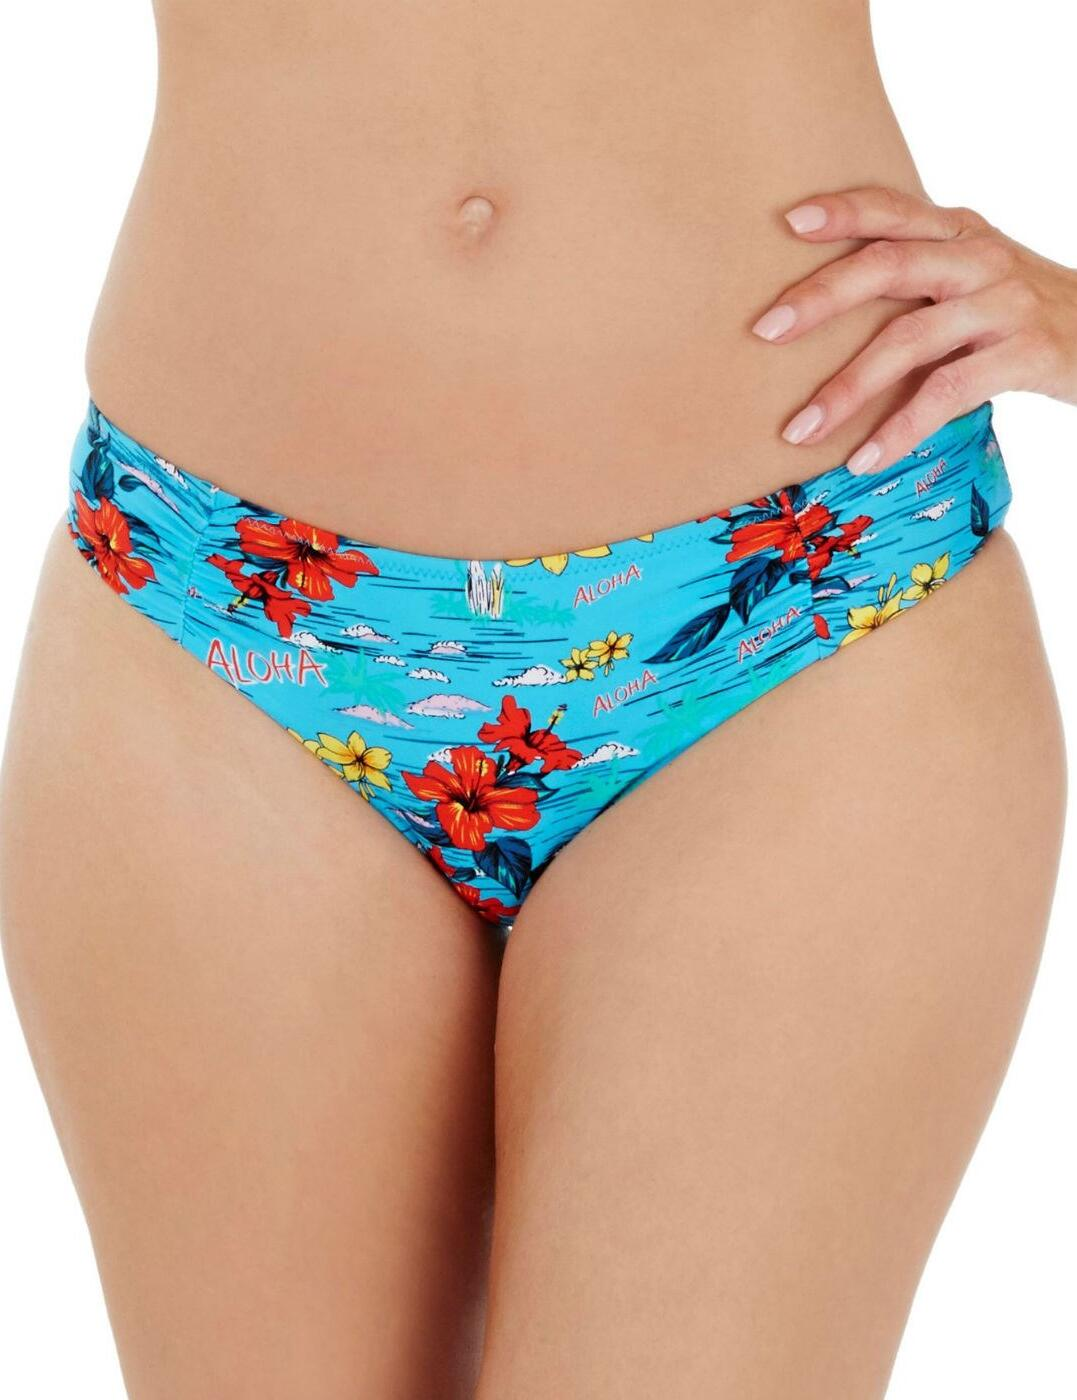 1679790 Lepel Aloha Low Rise Bikini Pant Blue Multi - 1679790 Bikini Brief